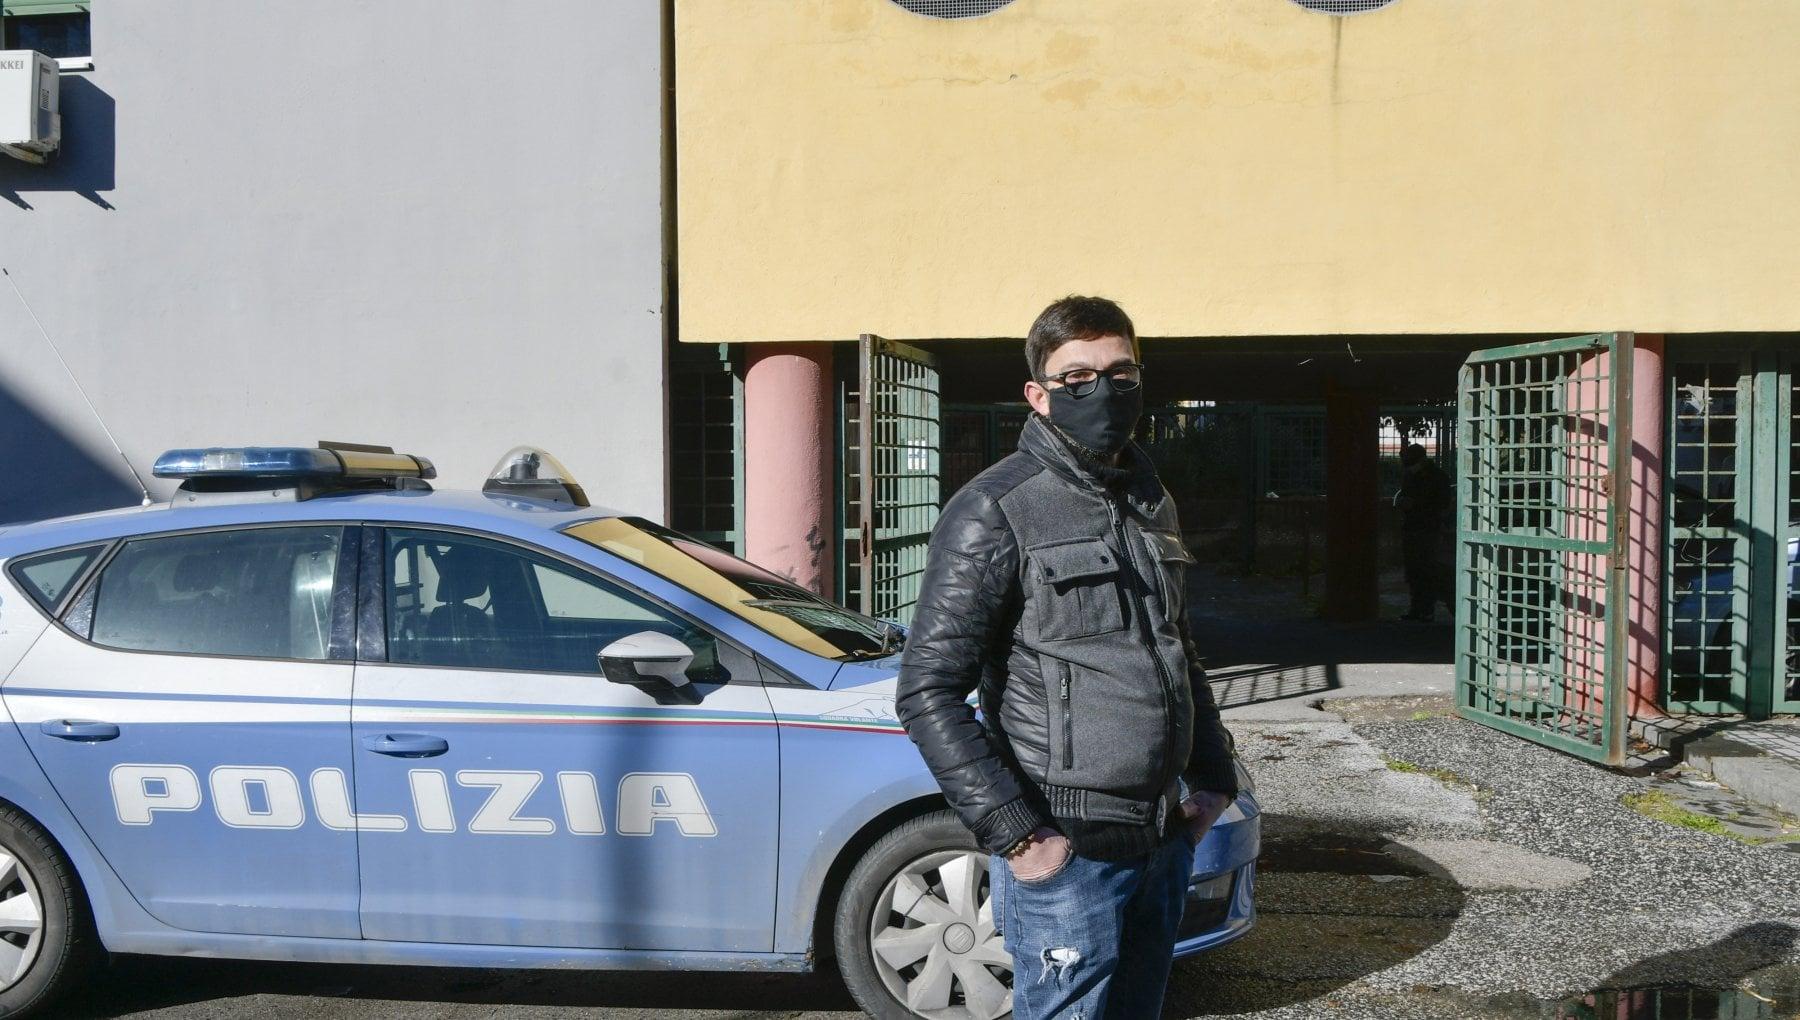 Napoli il rider rapinato trova lavoro in un supermarket Un sogno e quello il mio vero mestiere